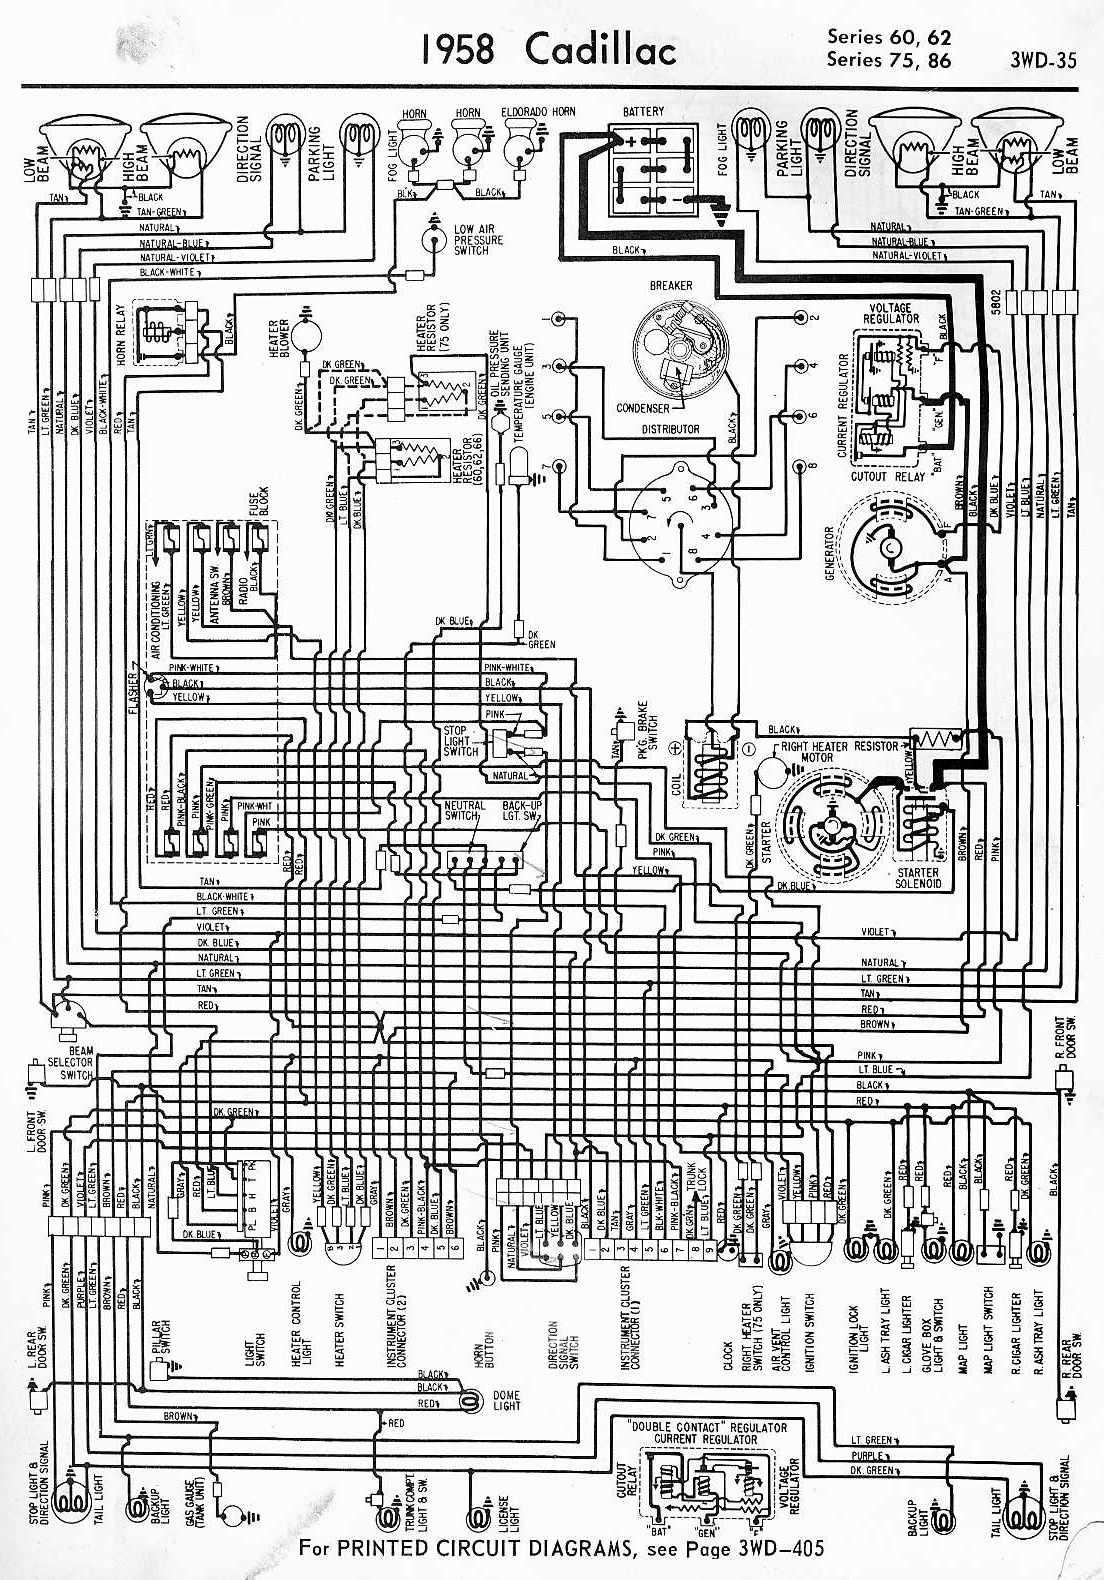 2003 cadillac dts wiring diagram best part of wiring diagramcadillac engine wiring diagram so schwabenschamanen de \\u2022 2003 cadillac dts